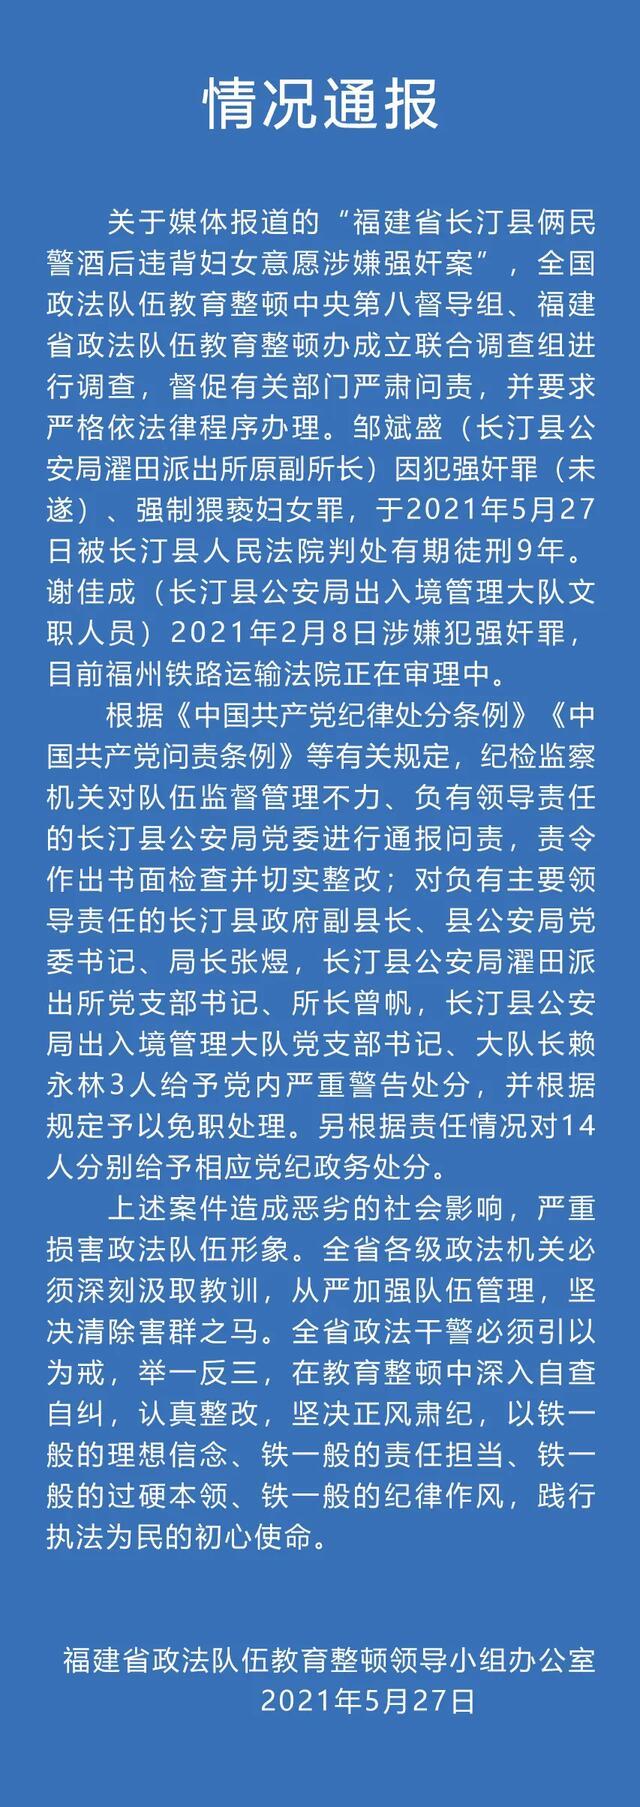 福建2名警察涉嫌酒后强奸妇女,官方通报:1人被判9年 17人被处分